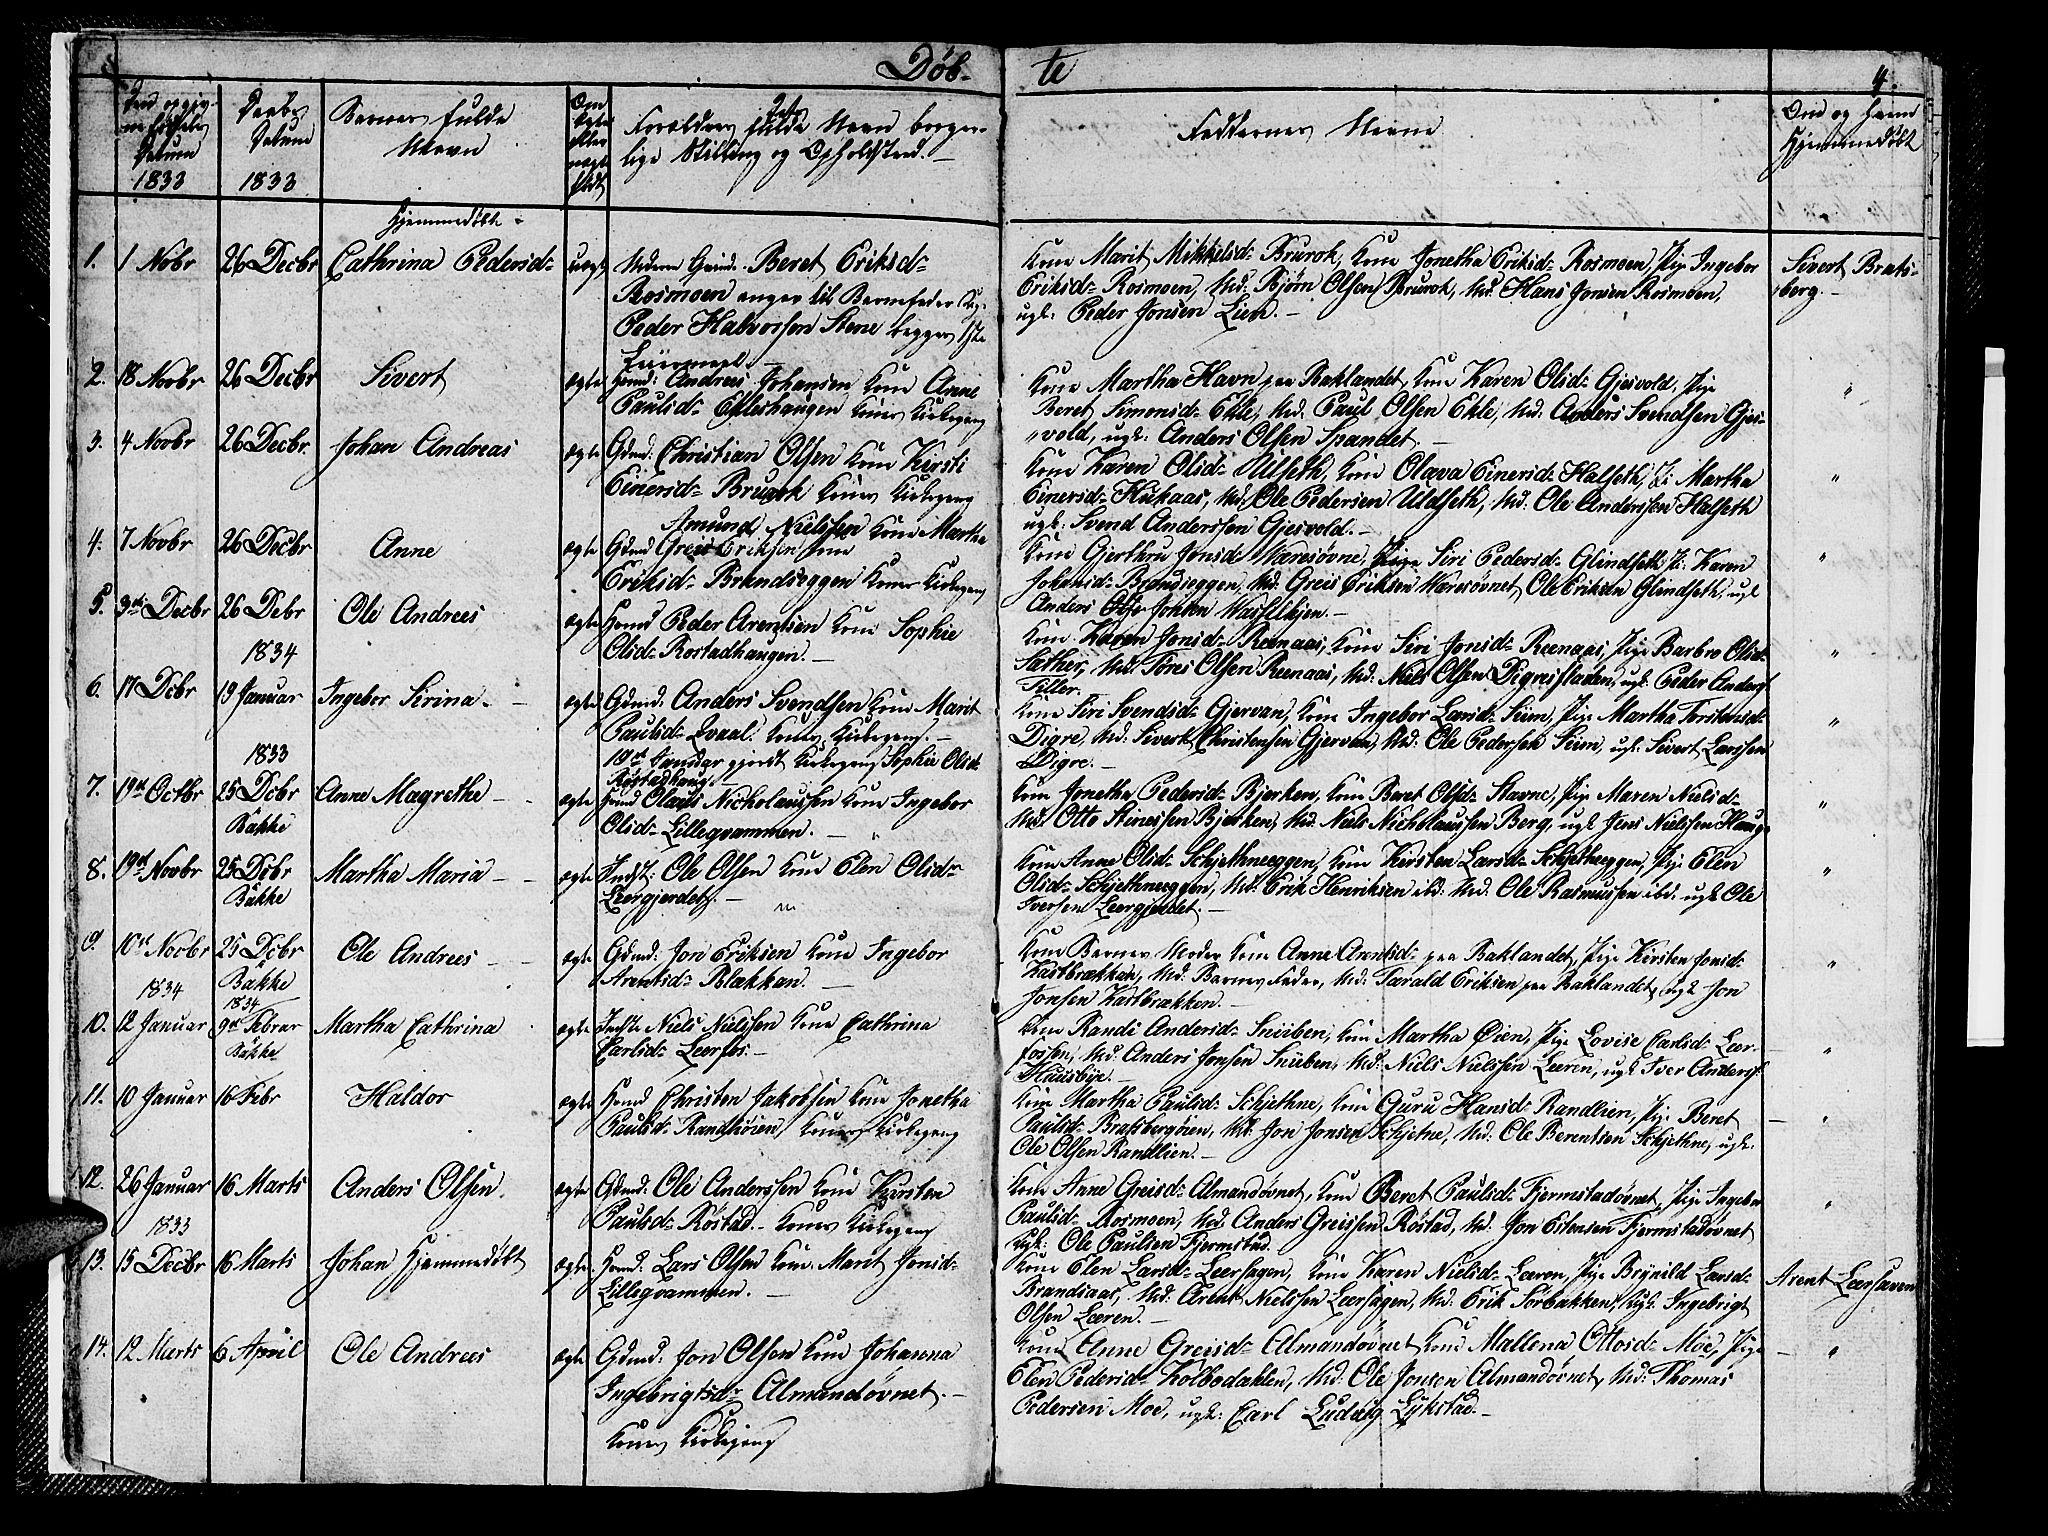 SAT, Ministerialprotokoller, klokkerbøker og fødselsregistre - Sør-Trøndelag, 608/L0338: Klokkerbok nr. 608C04, 1831-1843, s. 4